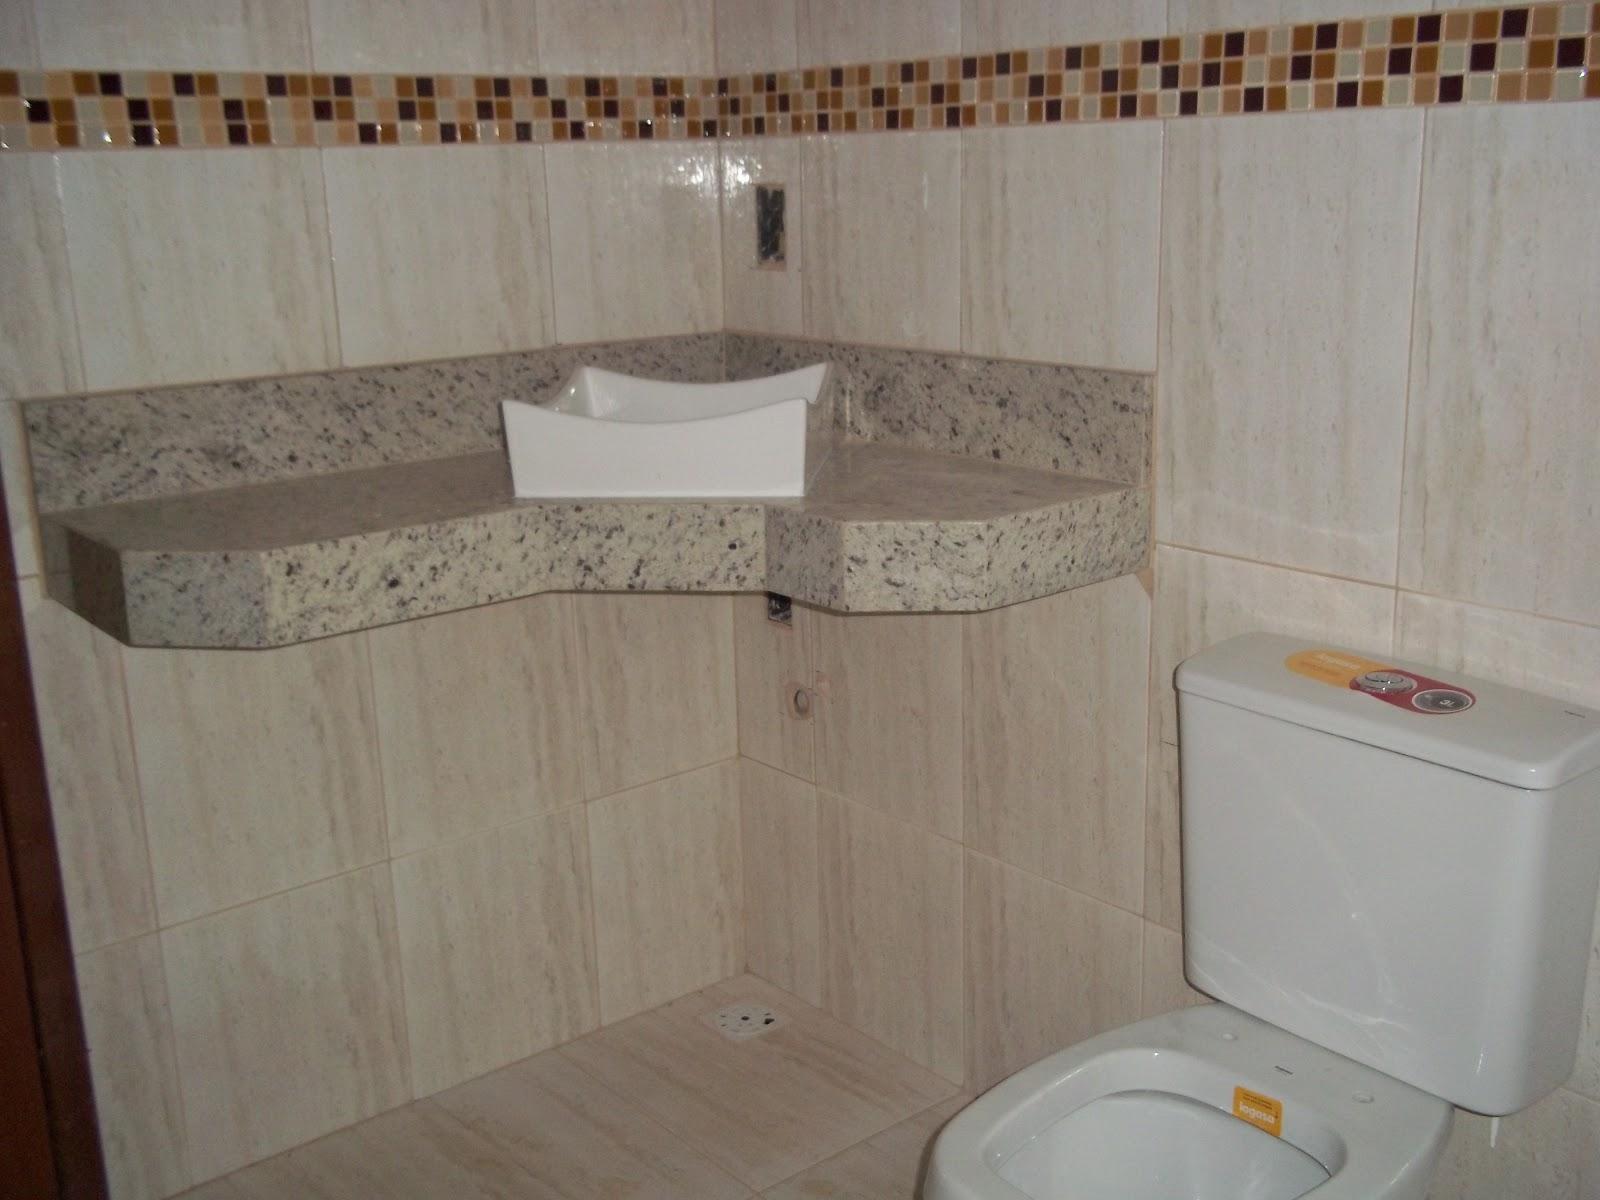 cores forte bancada com tijolos de vidro banheiros com bancada  #342018 1600x1200